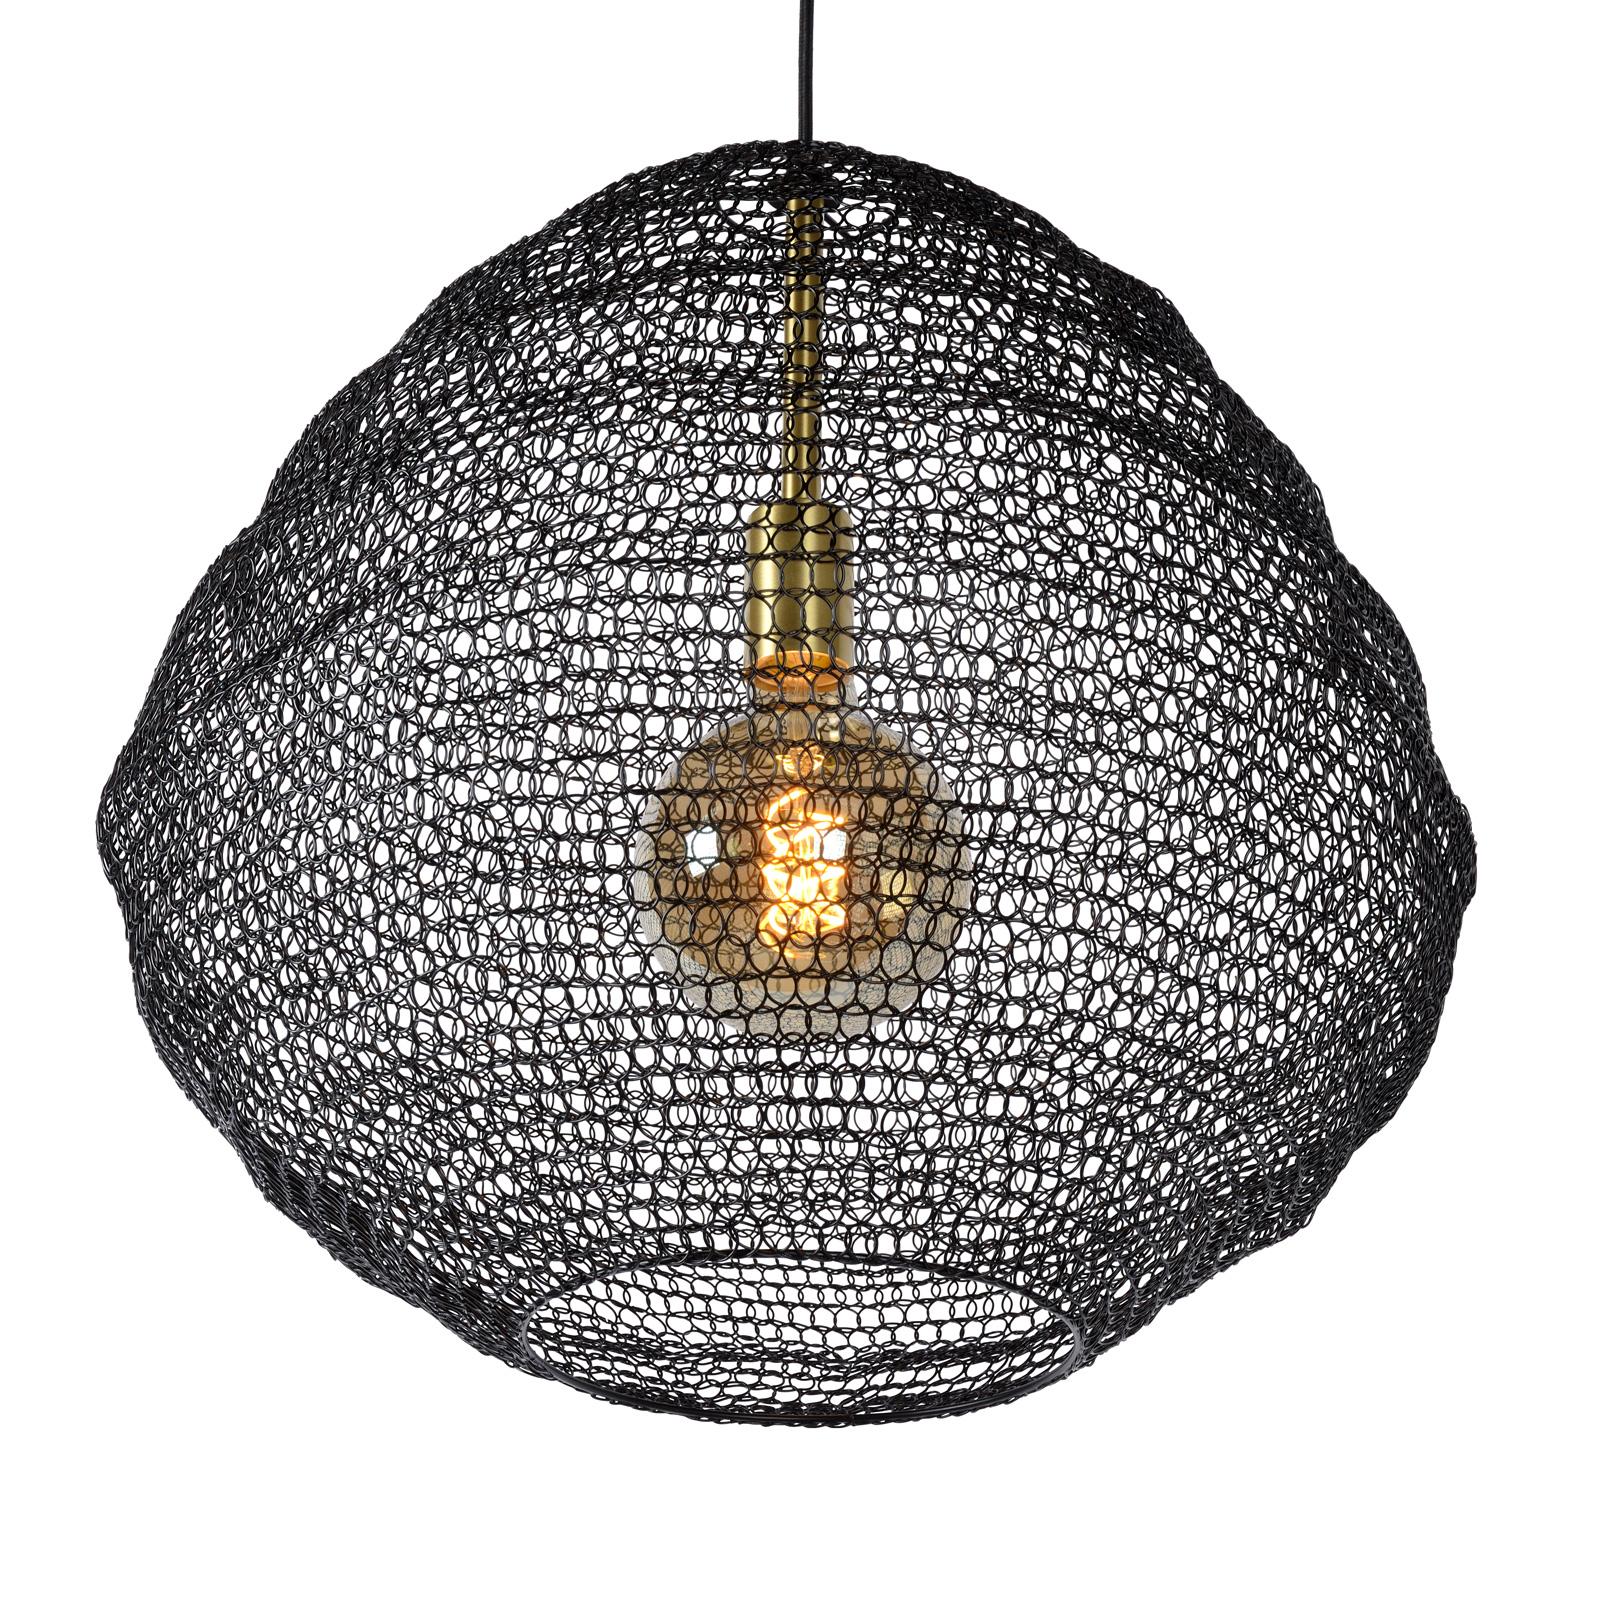 Hanglamp Saar Ø 38 cm zwart